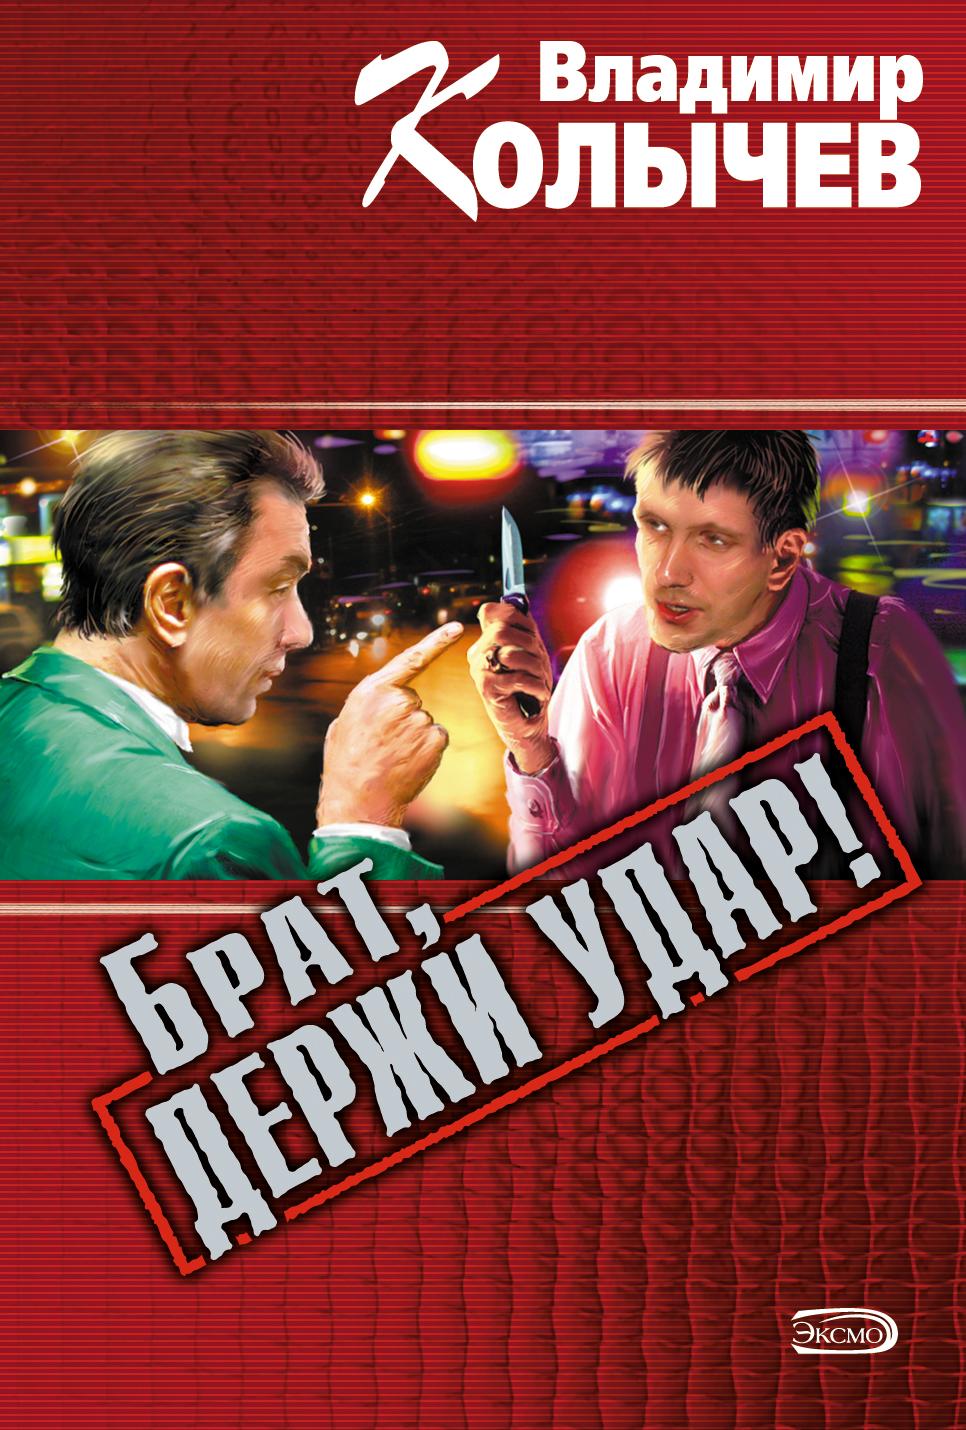 Владимир Колычев Брат, держи удар! владимир колычев боксер или держи удар парень